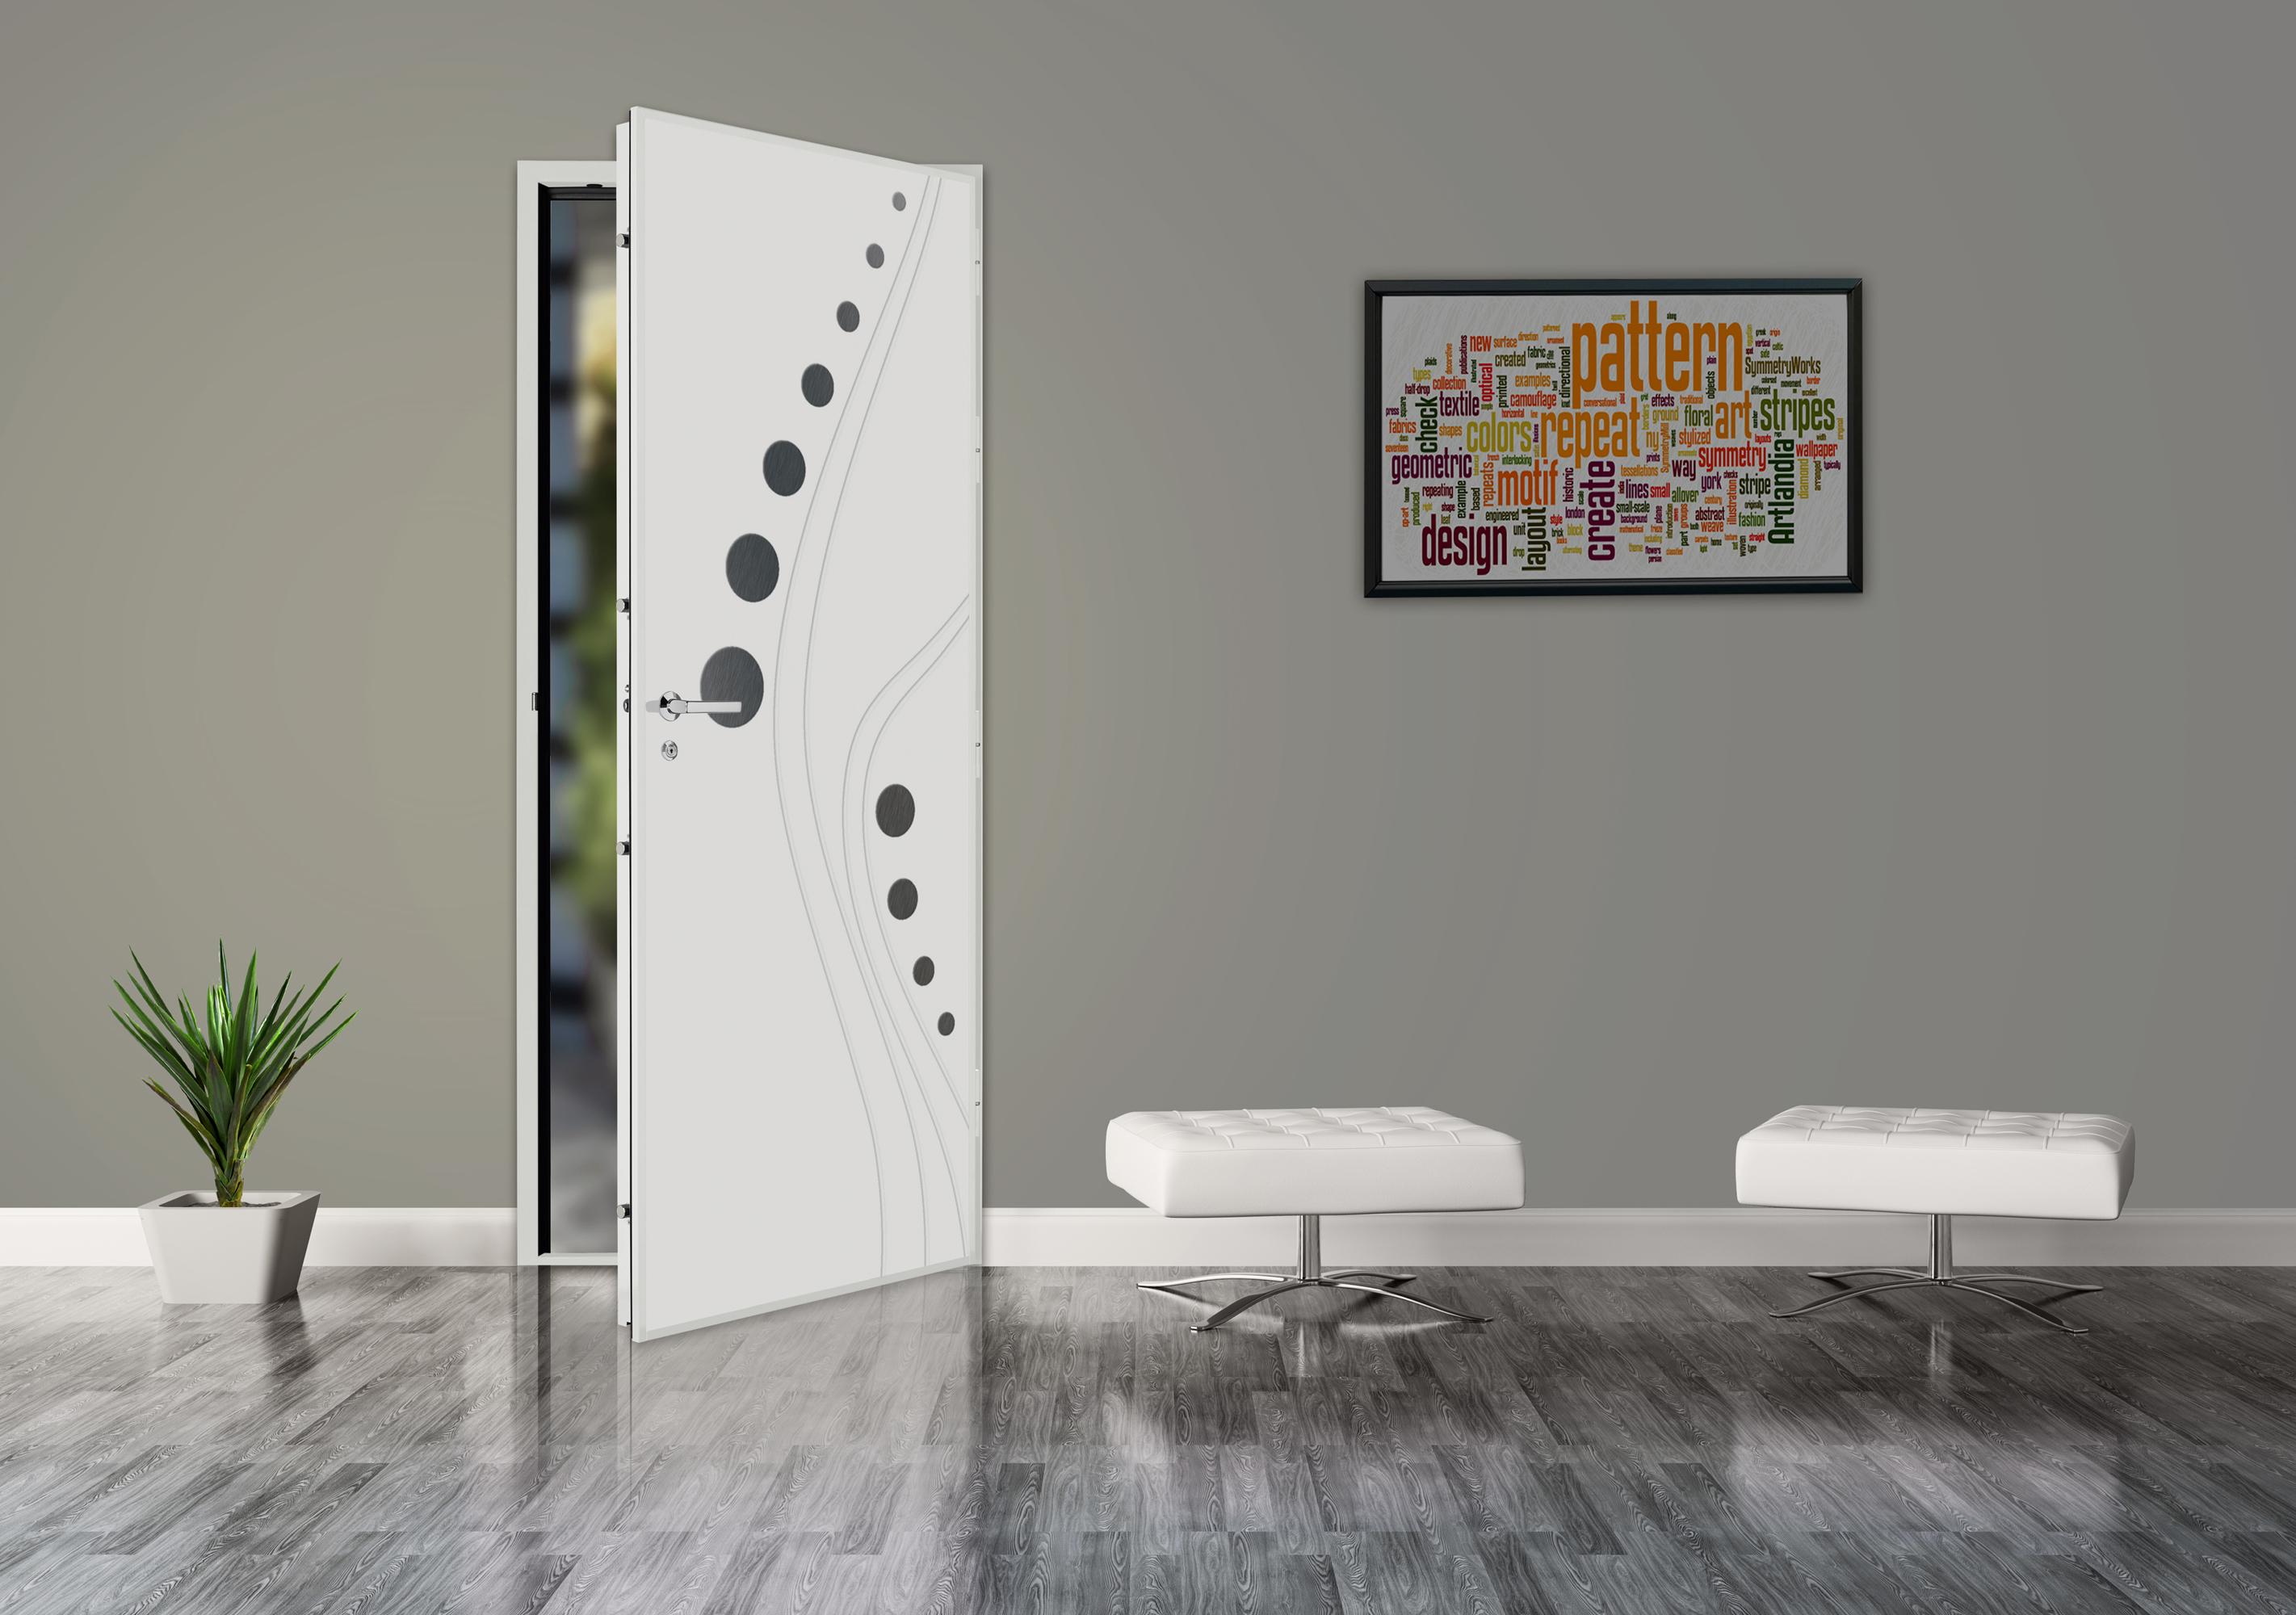 Tremendous Prix D Une Porte Blindee Image Kvazarinfo - Porte placard coulissante jumelé avec porte d entrée appartement blindée